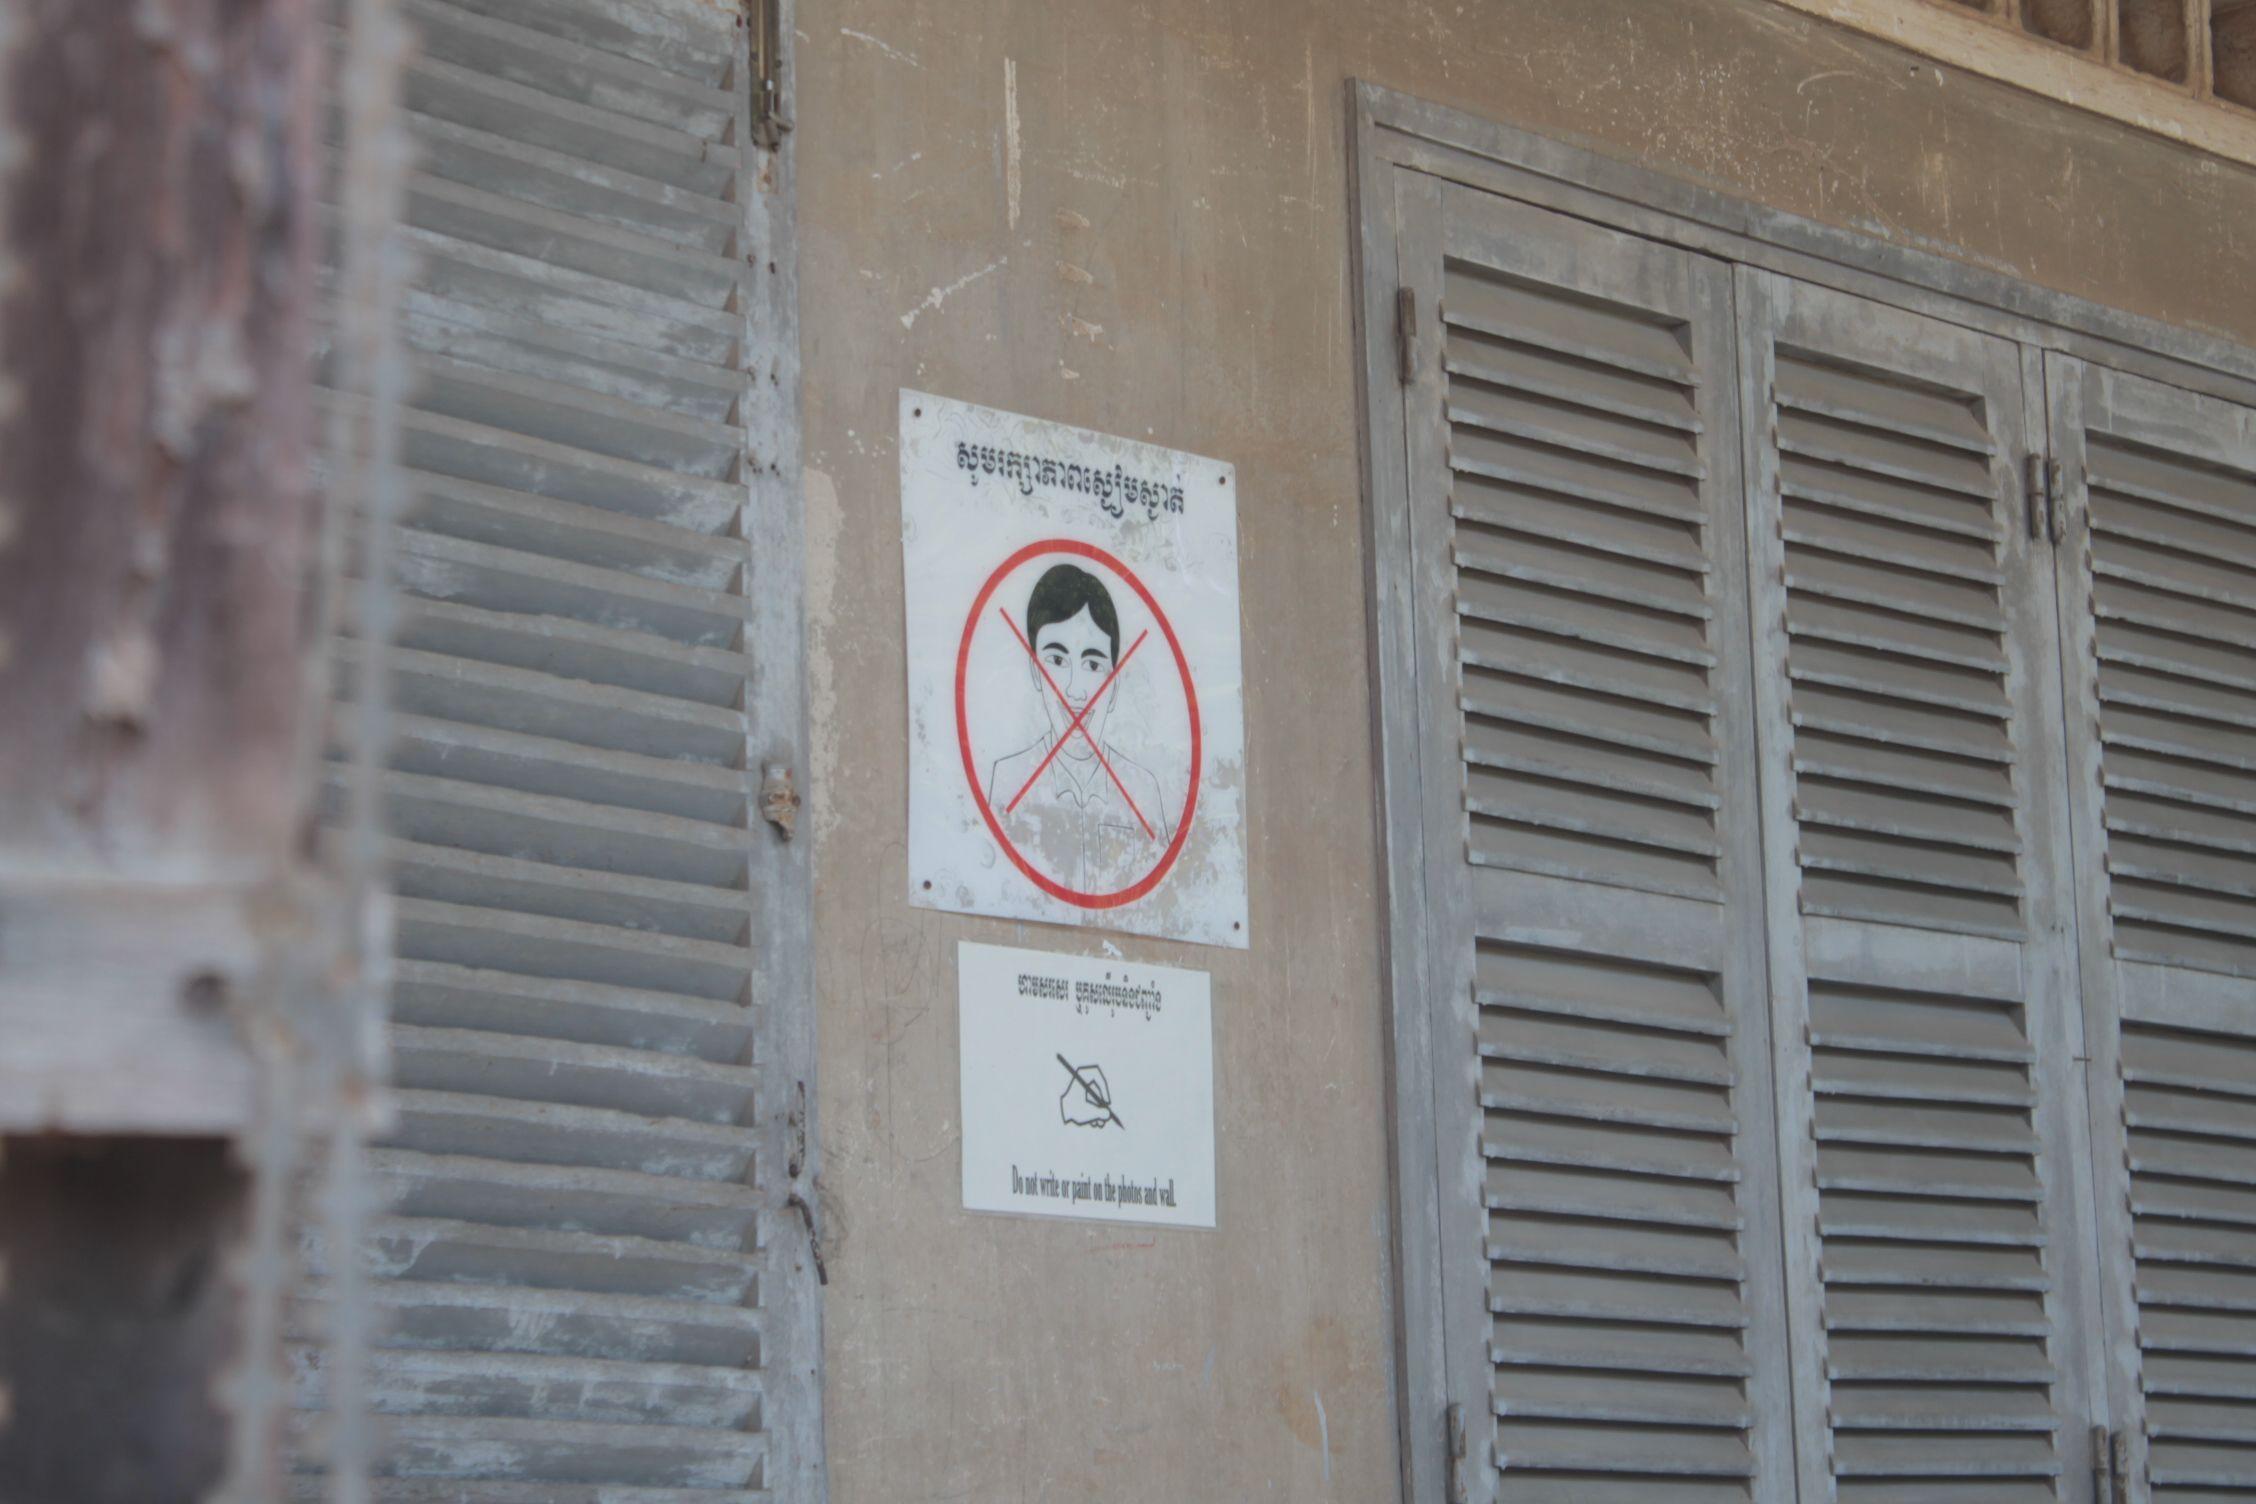 Cartel de prohibído reir en Tuol Sleng